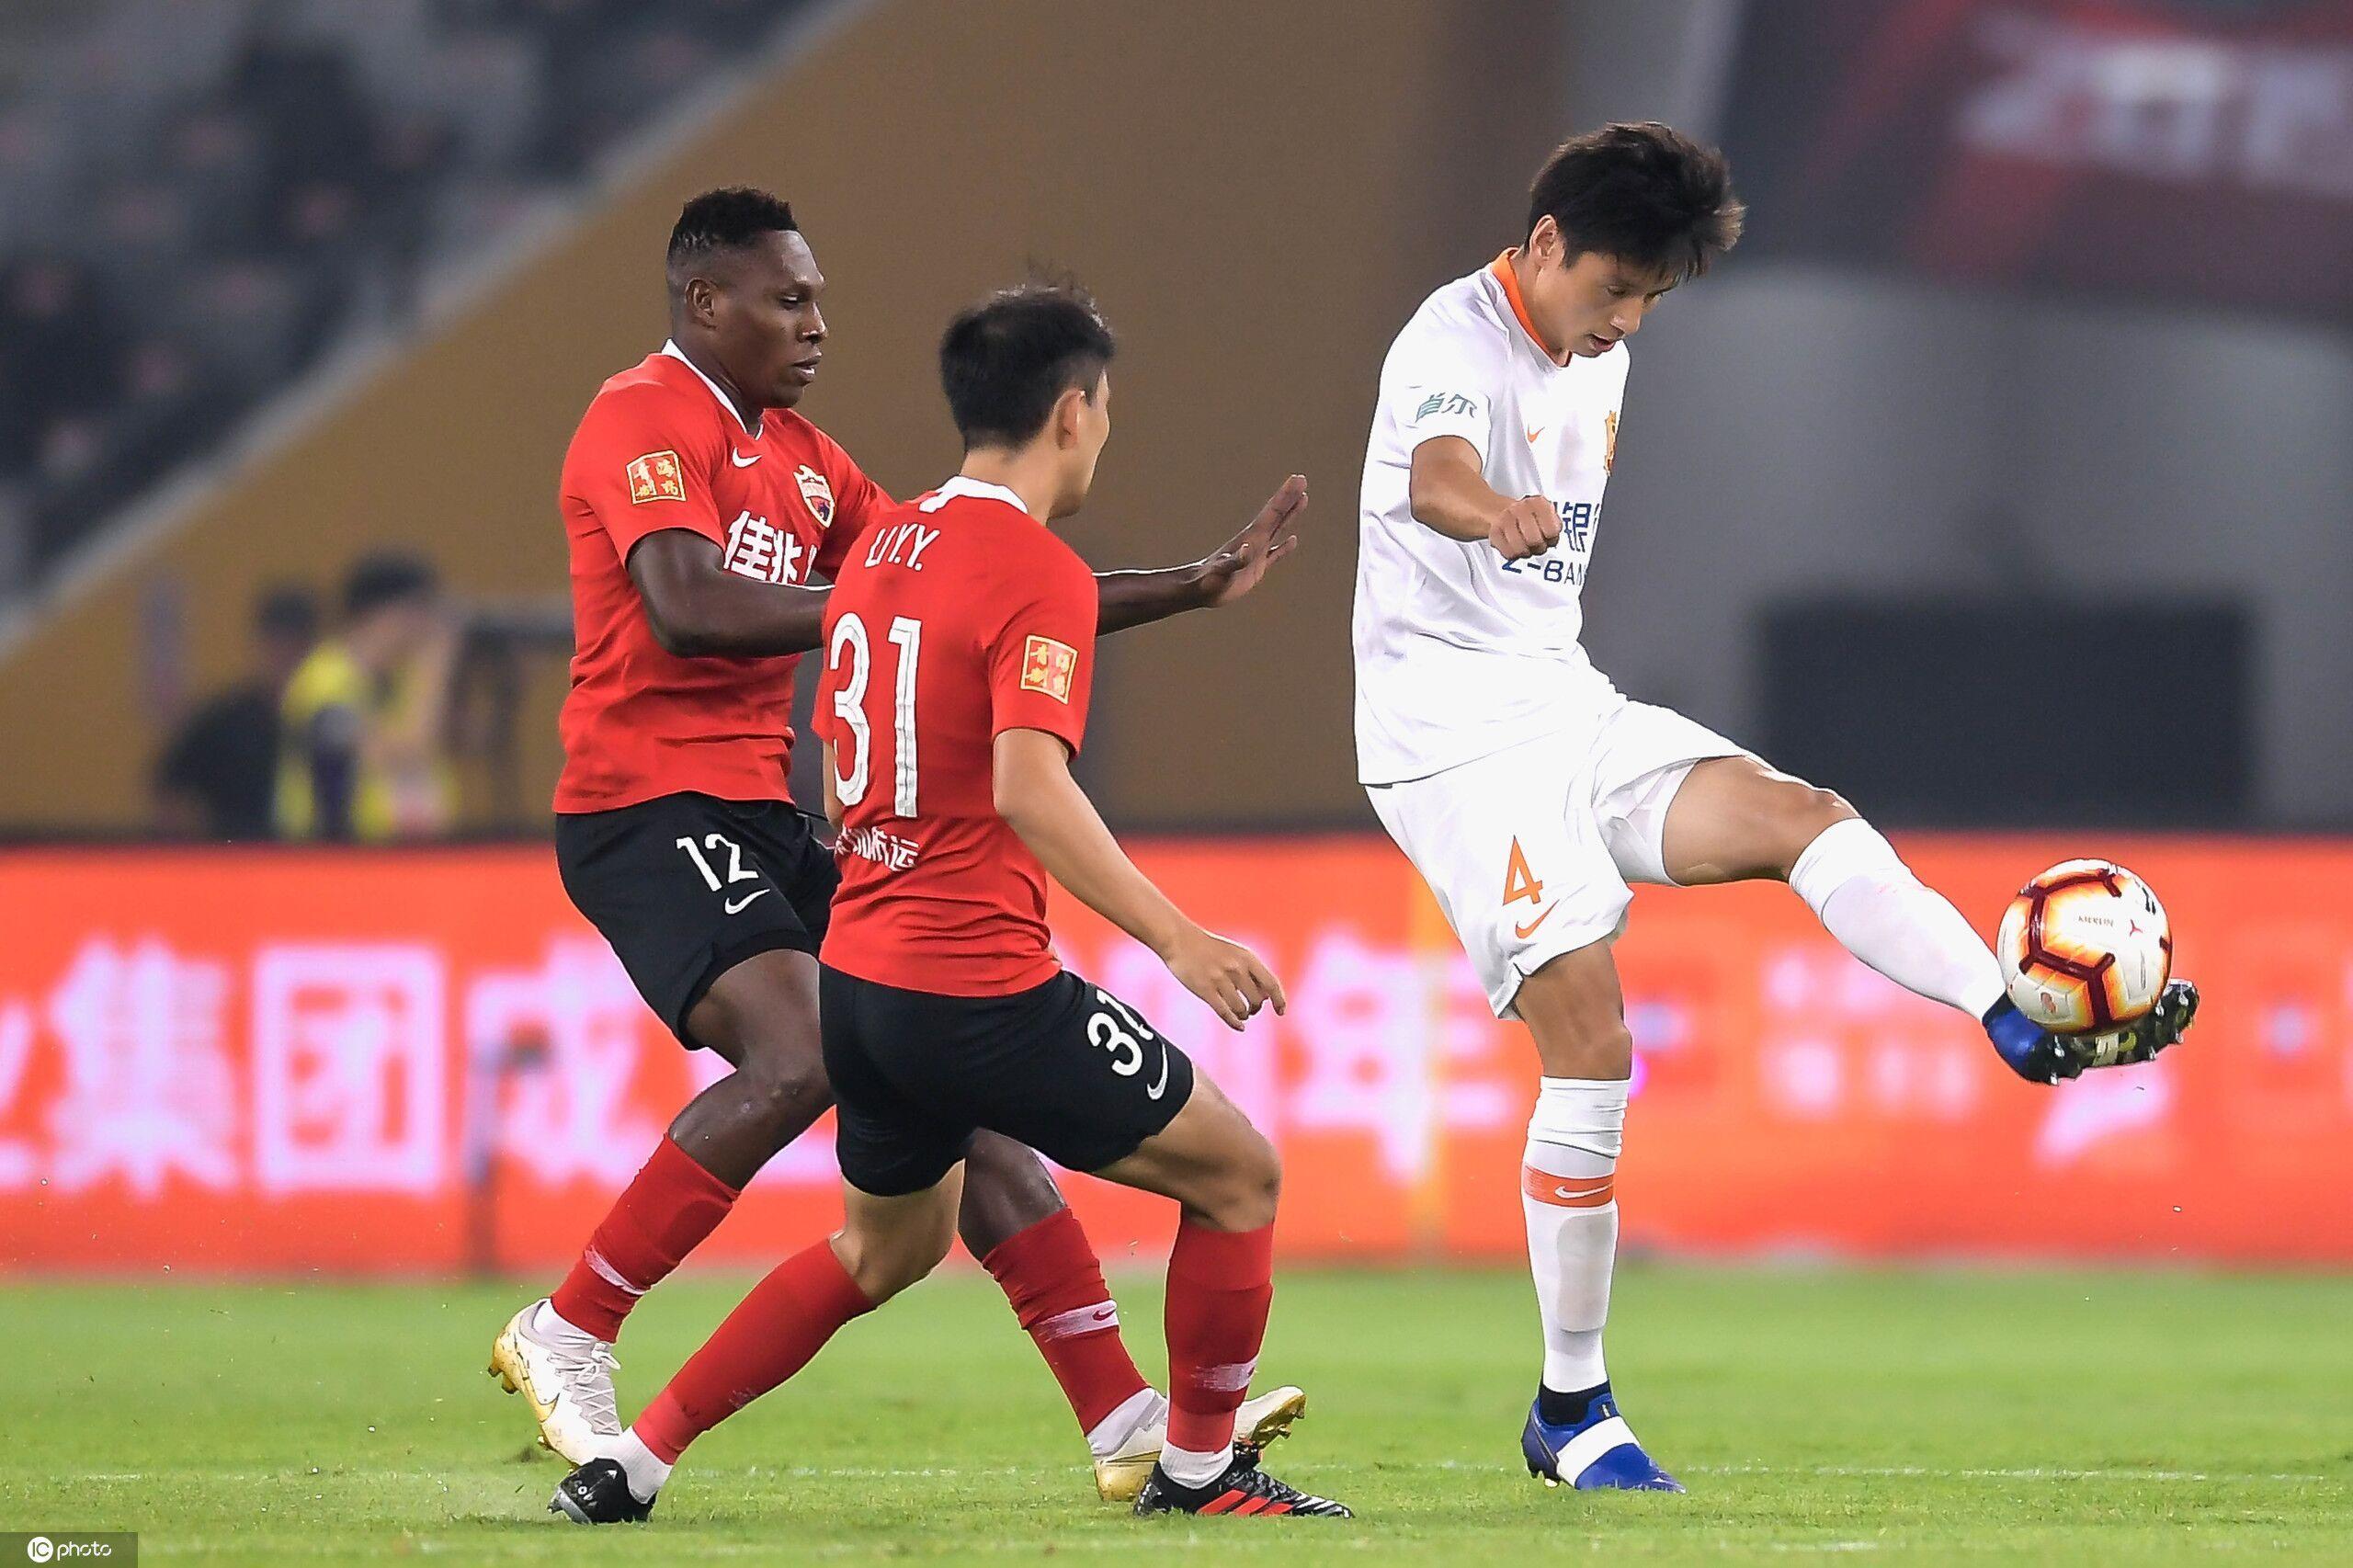 半场:拉斐尔王凯埃弗拉破门,深圳0-3卓尔